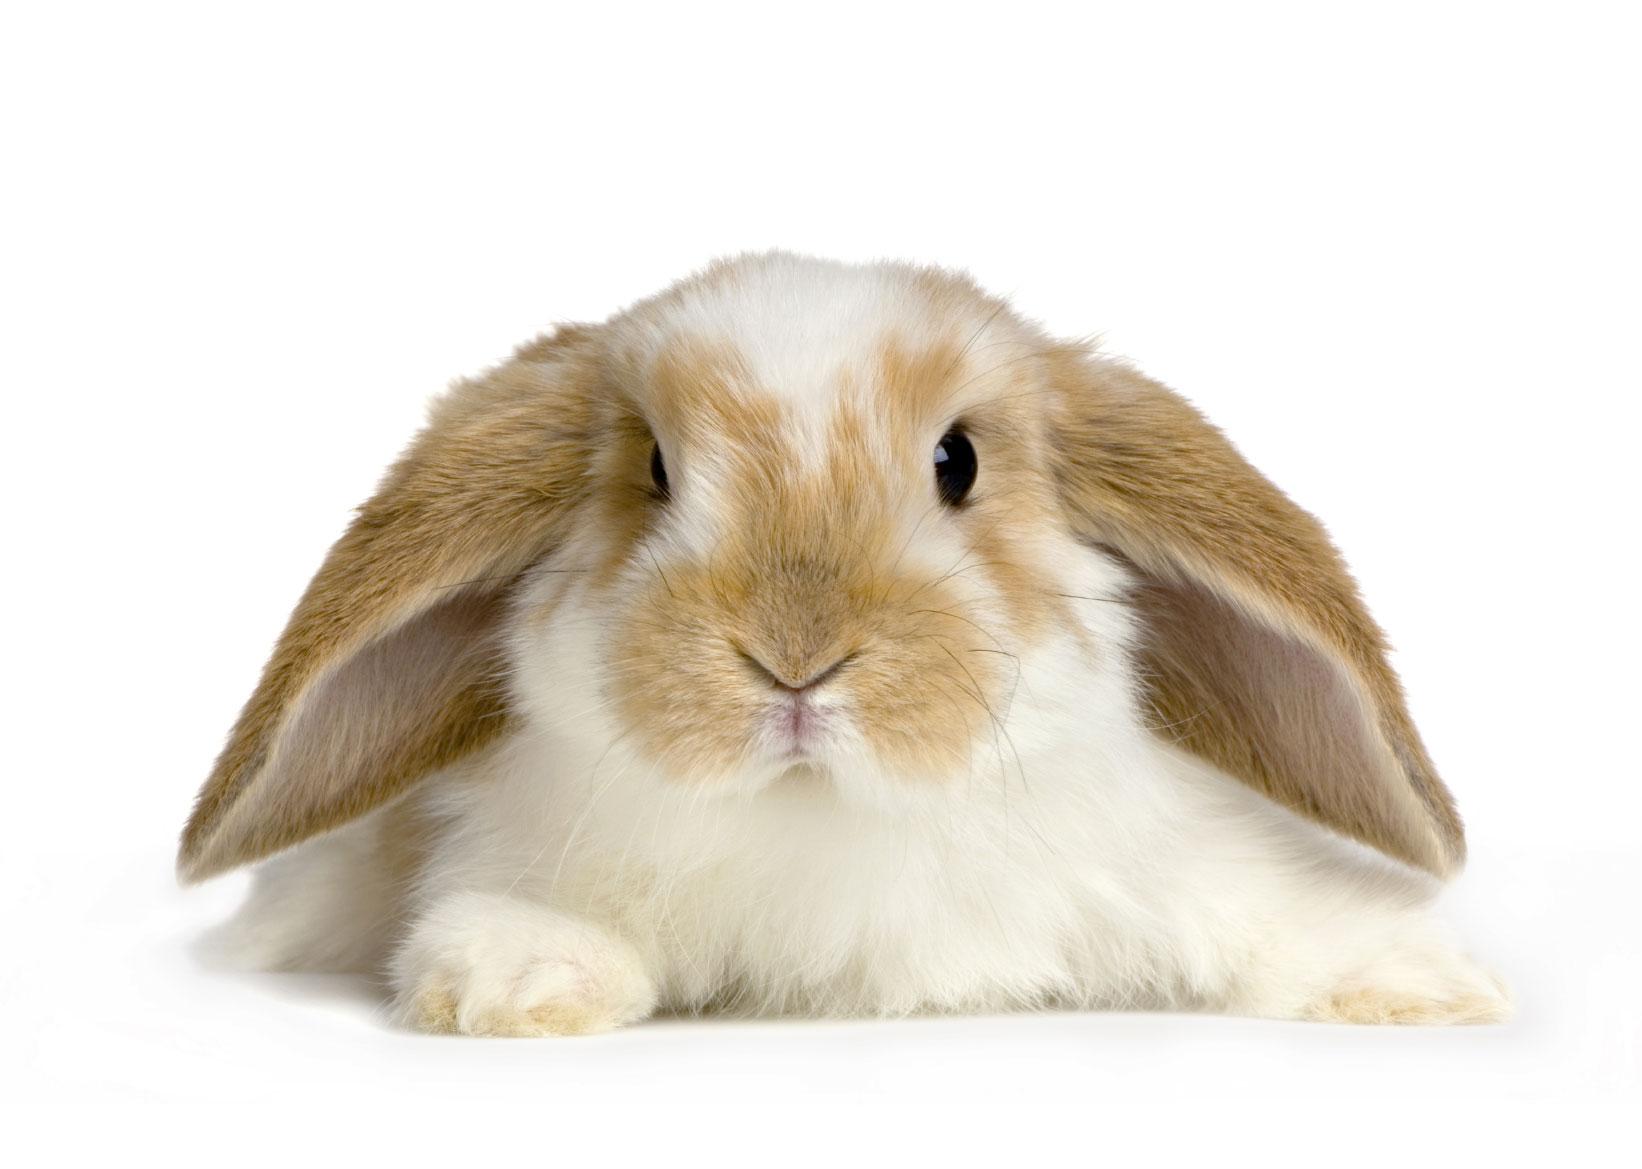 dieta conejos que comen control veterinaro alimentos permitidos y prohibidos